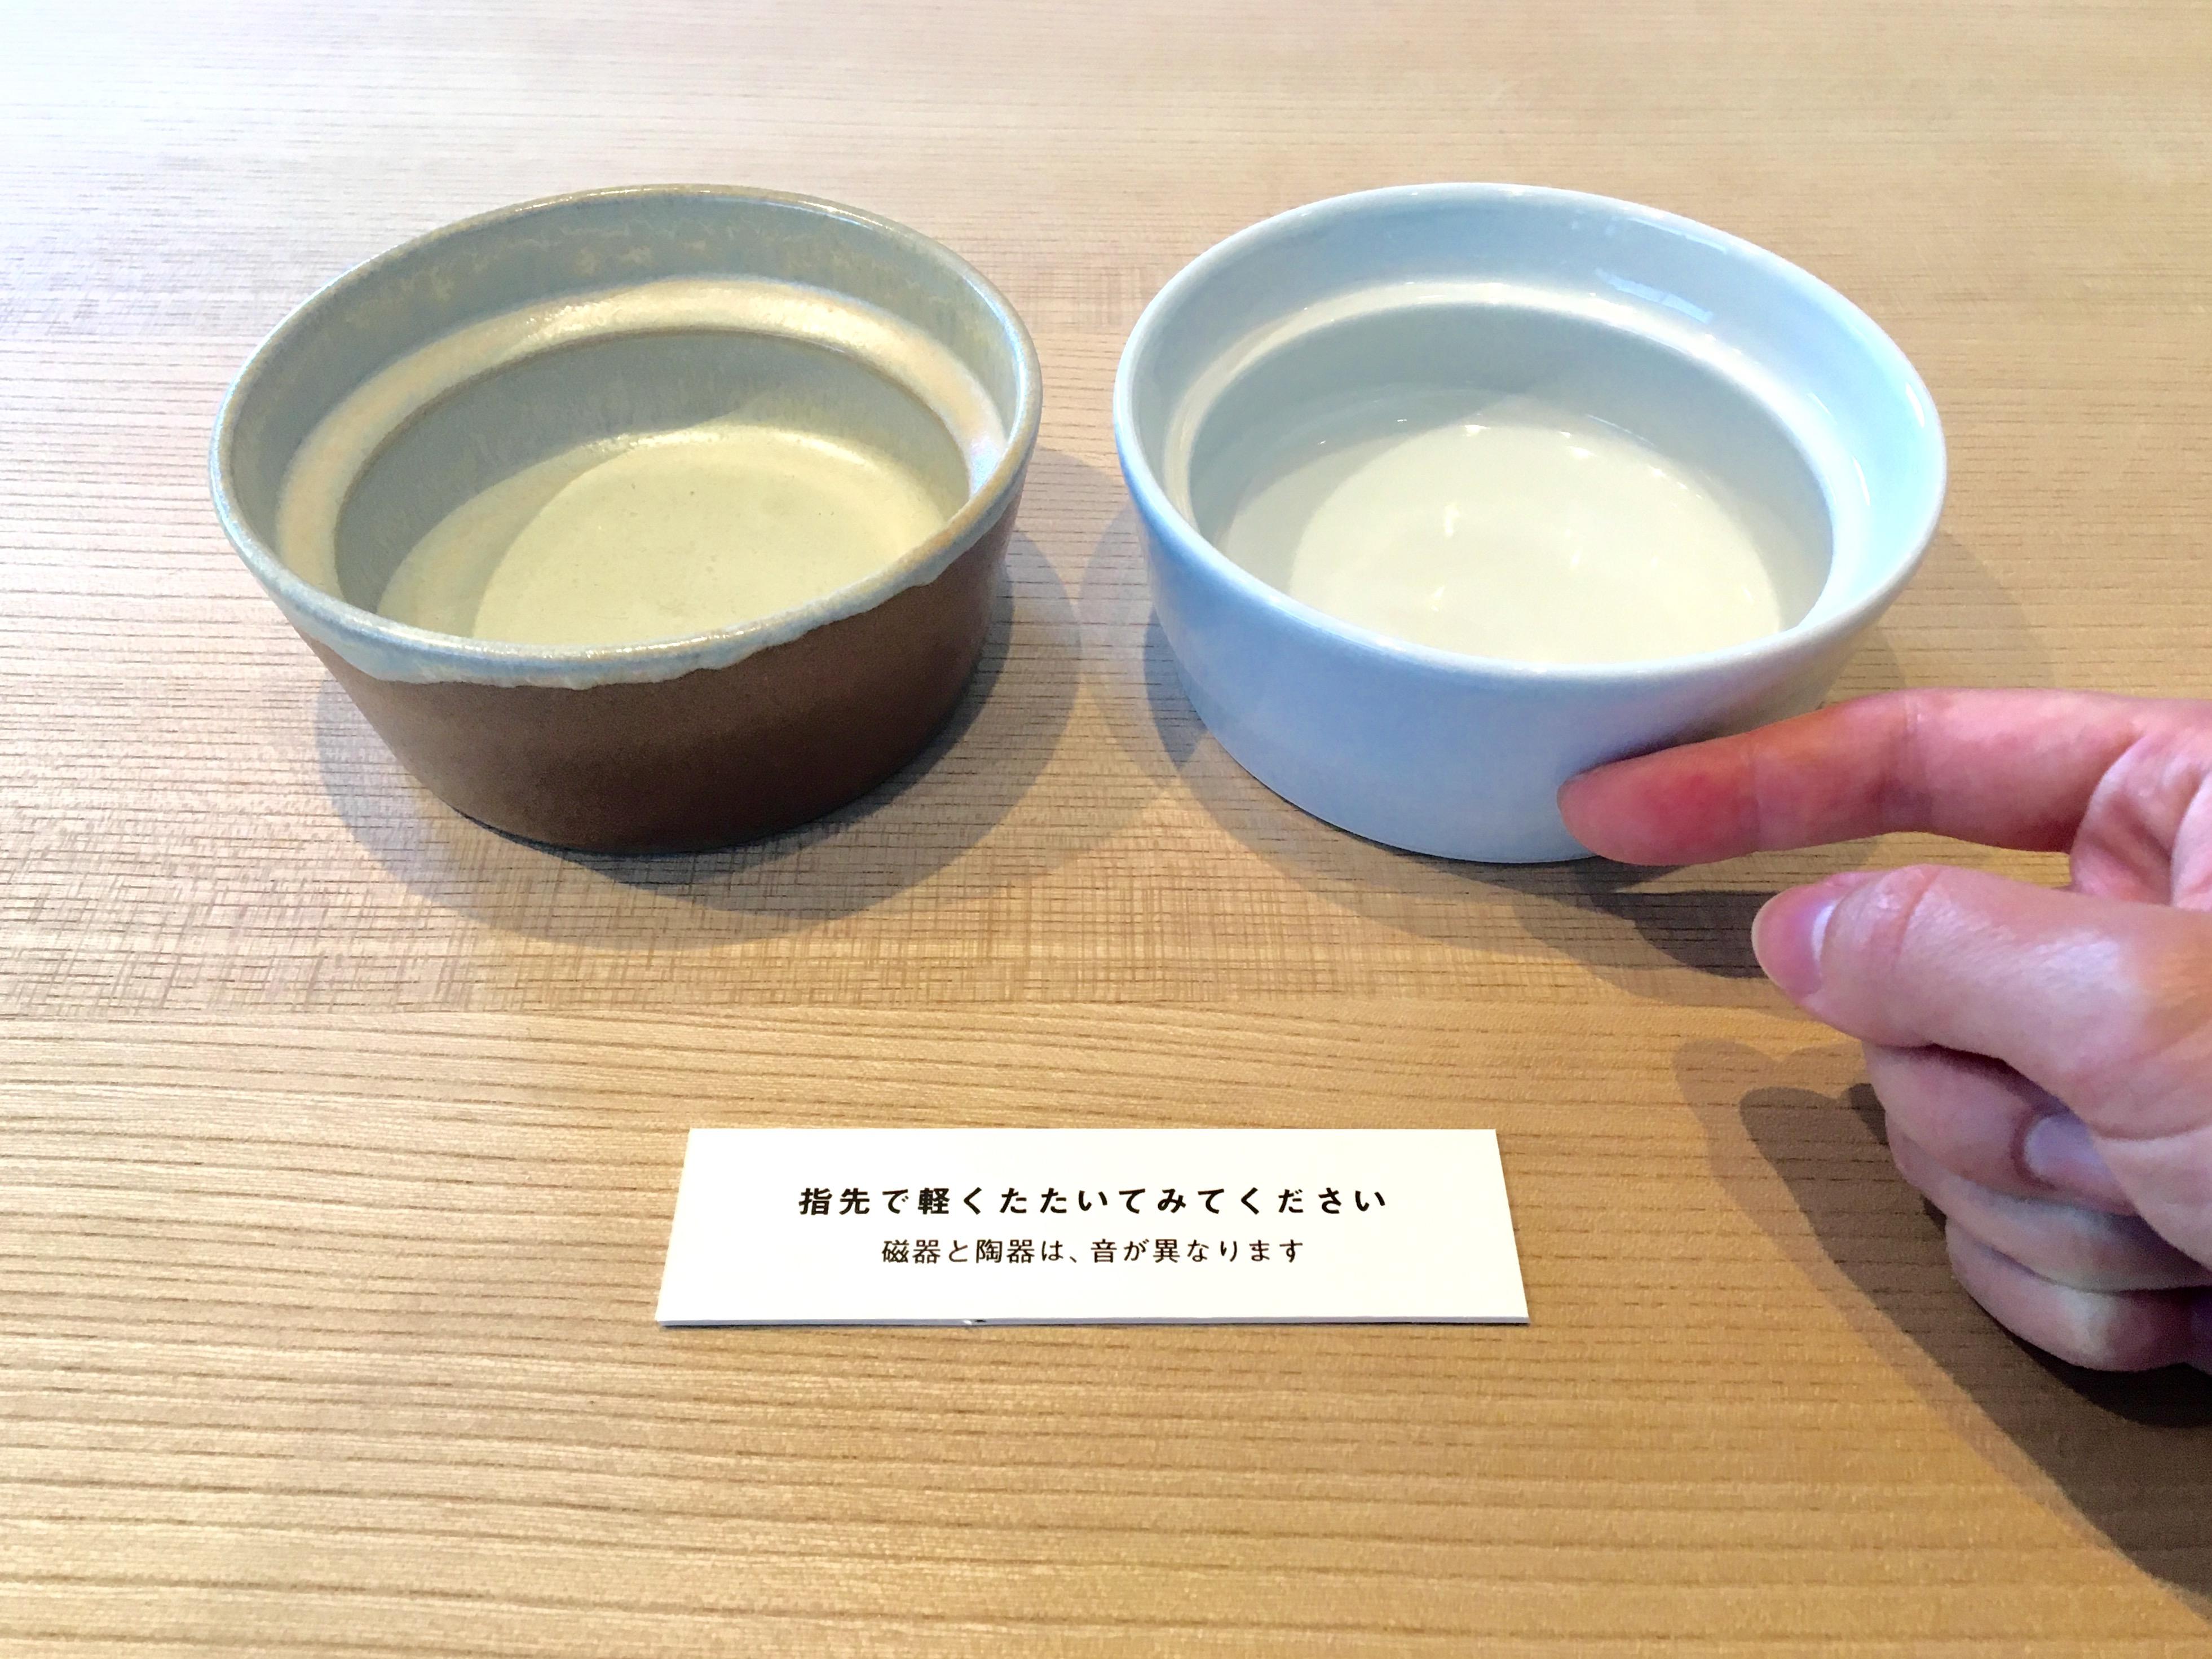 愛媛県から 砥部焼の こぼしにくい器 指先 音 和える